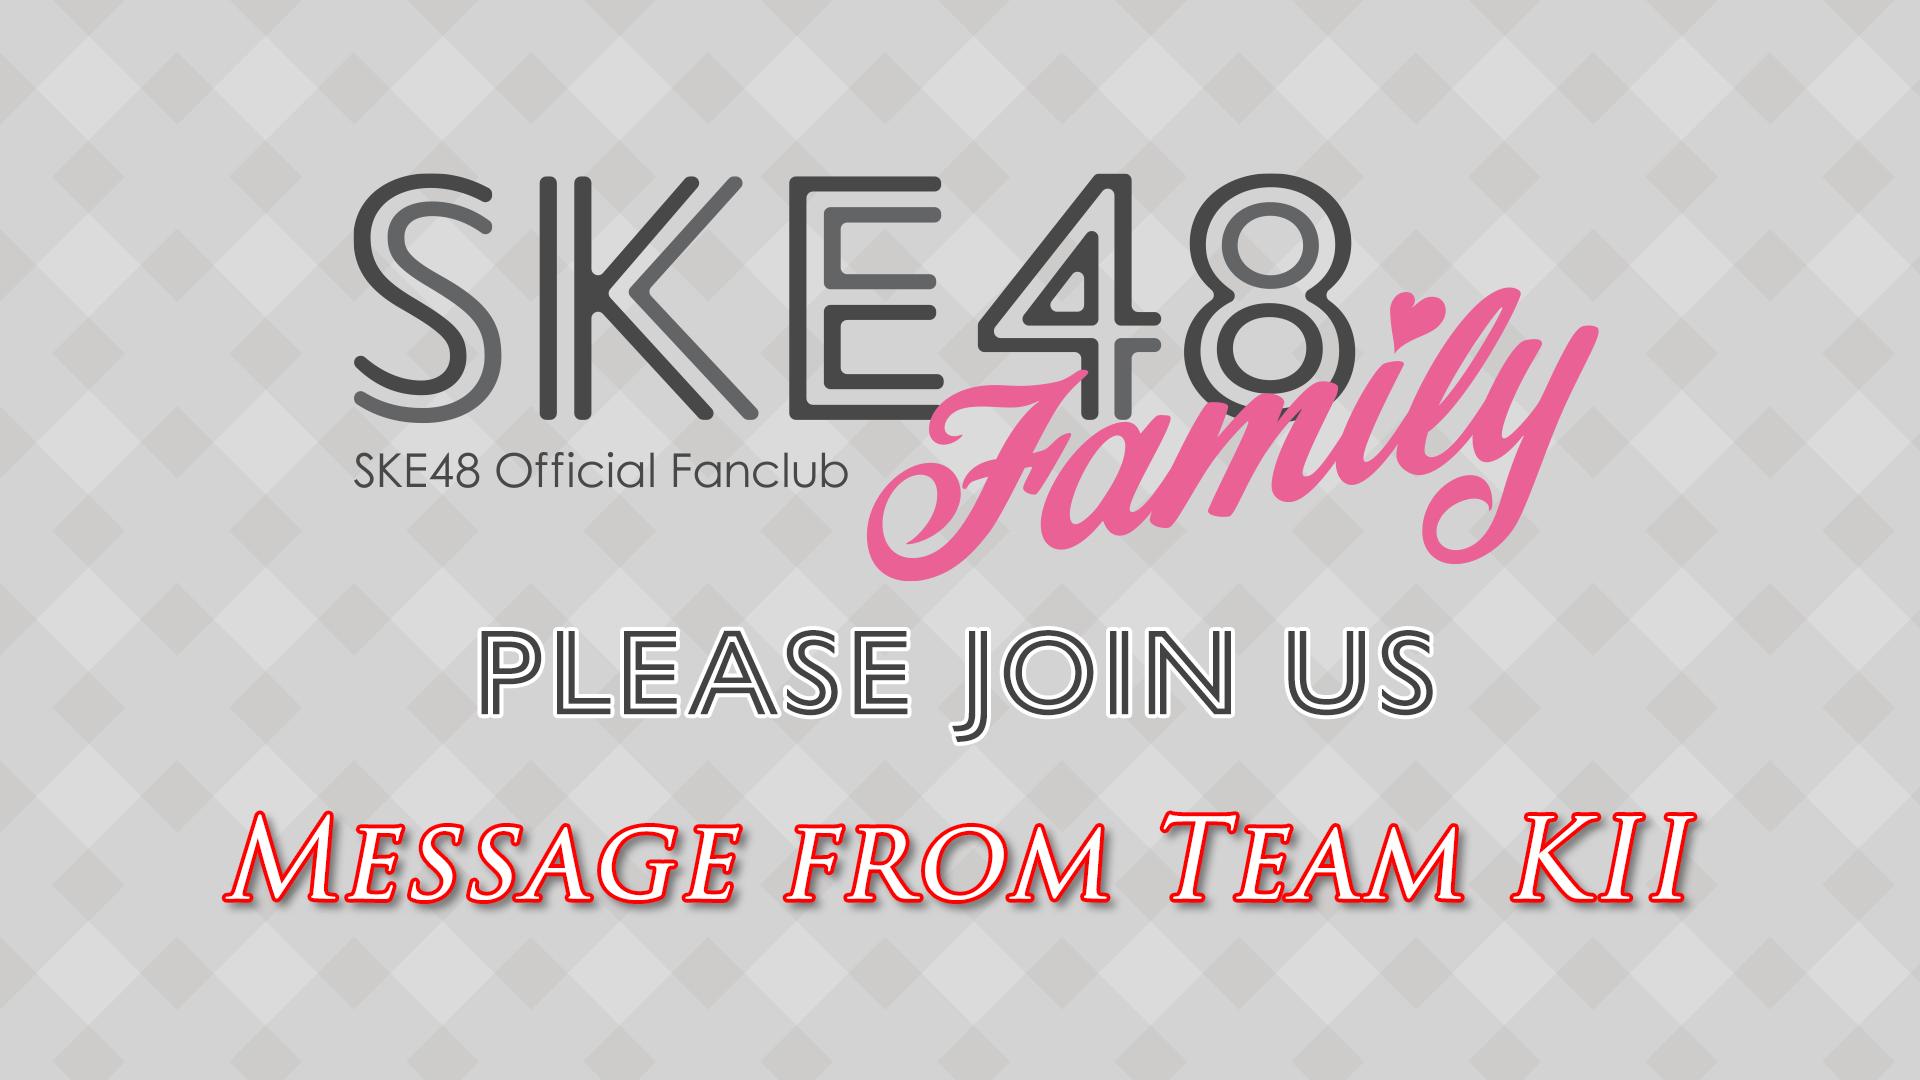 SKE48 Family入会受付中!チームKIIメンバーからのメッセージをどうぞ